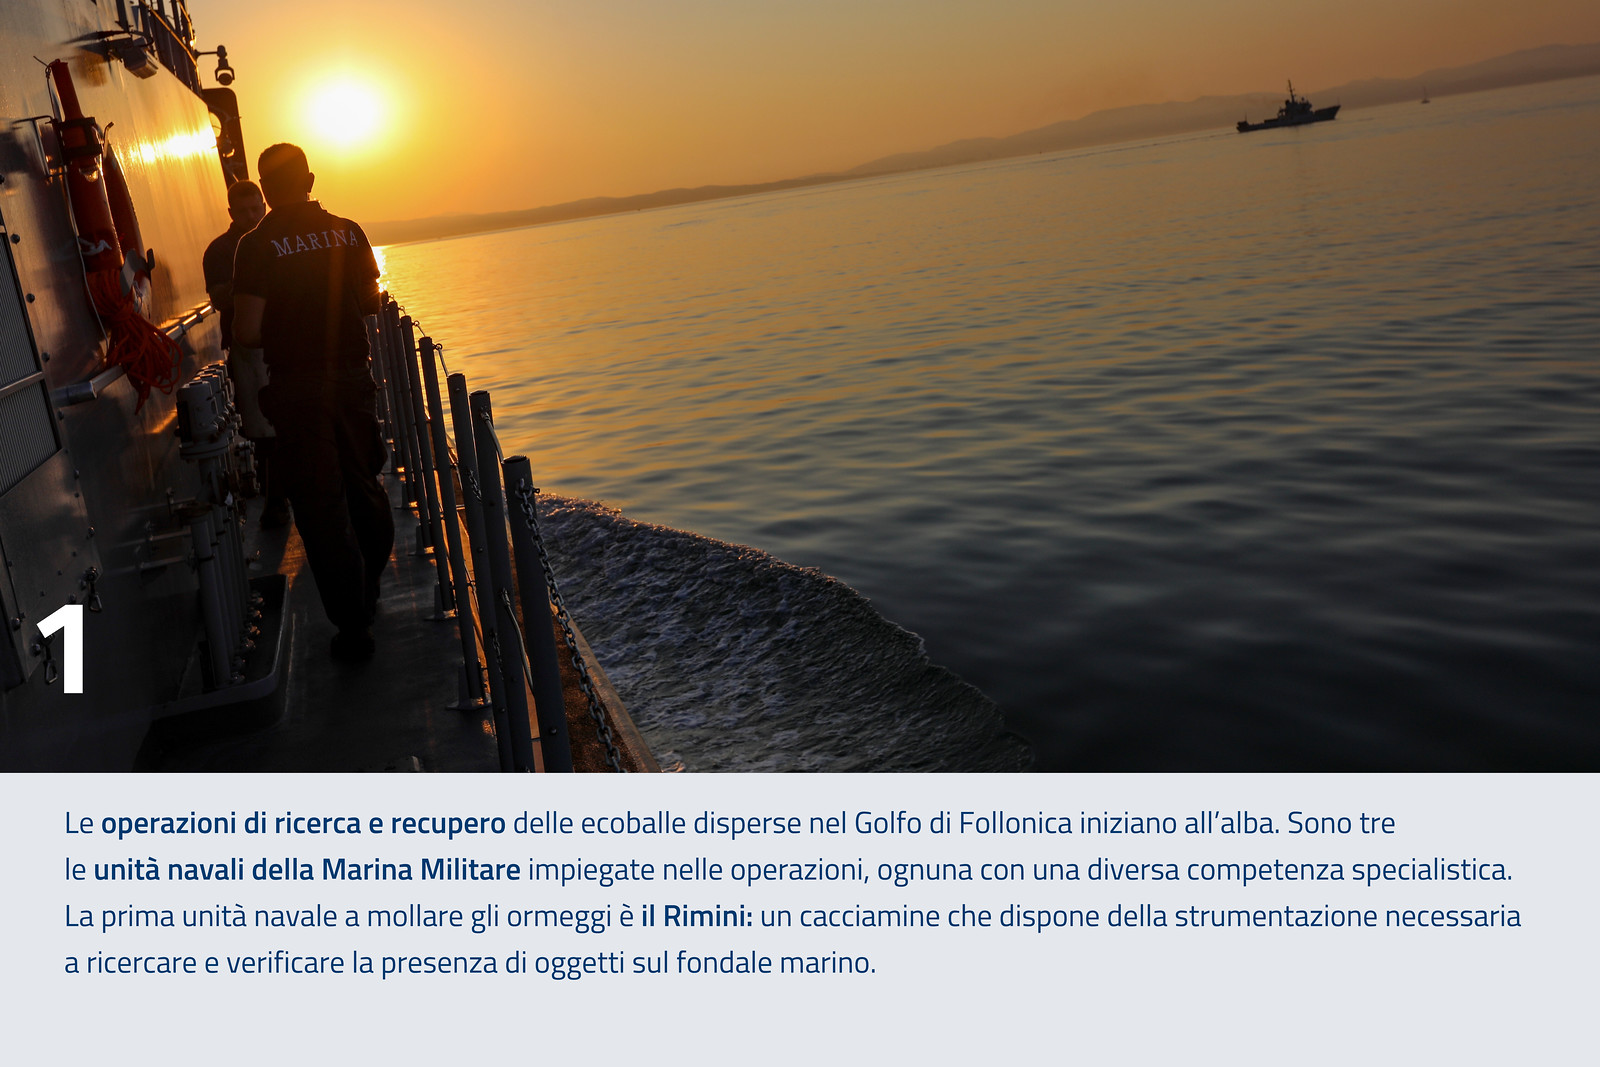 Le operazioni di ricerca e recupero delle ecoballe disperse nel Golfo di Follonica